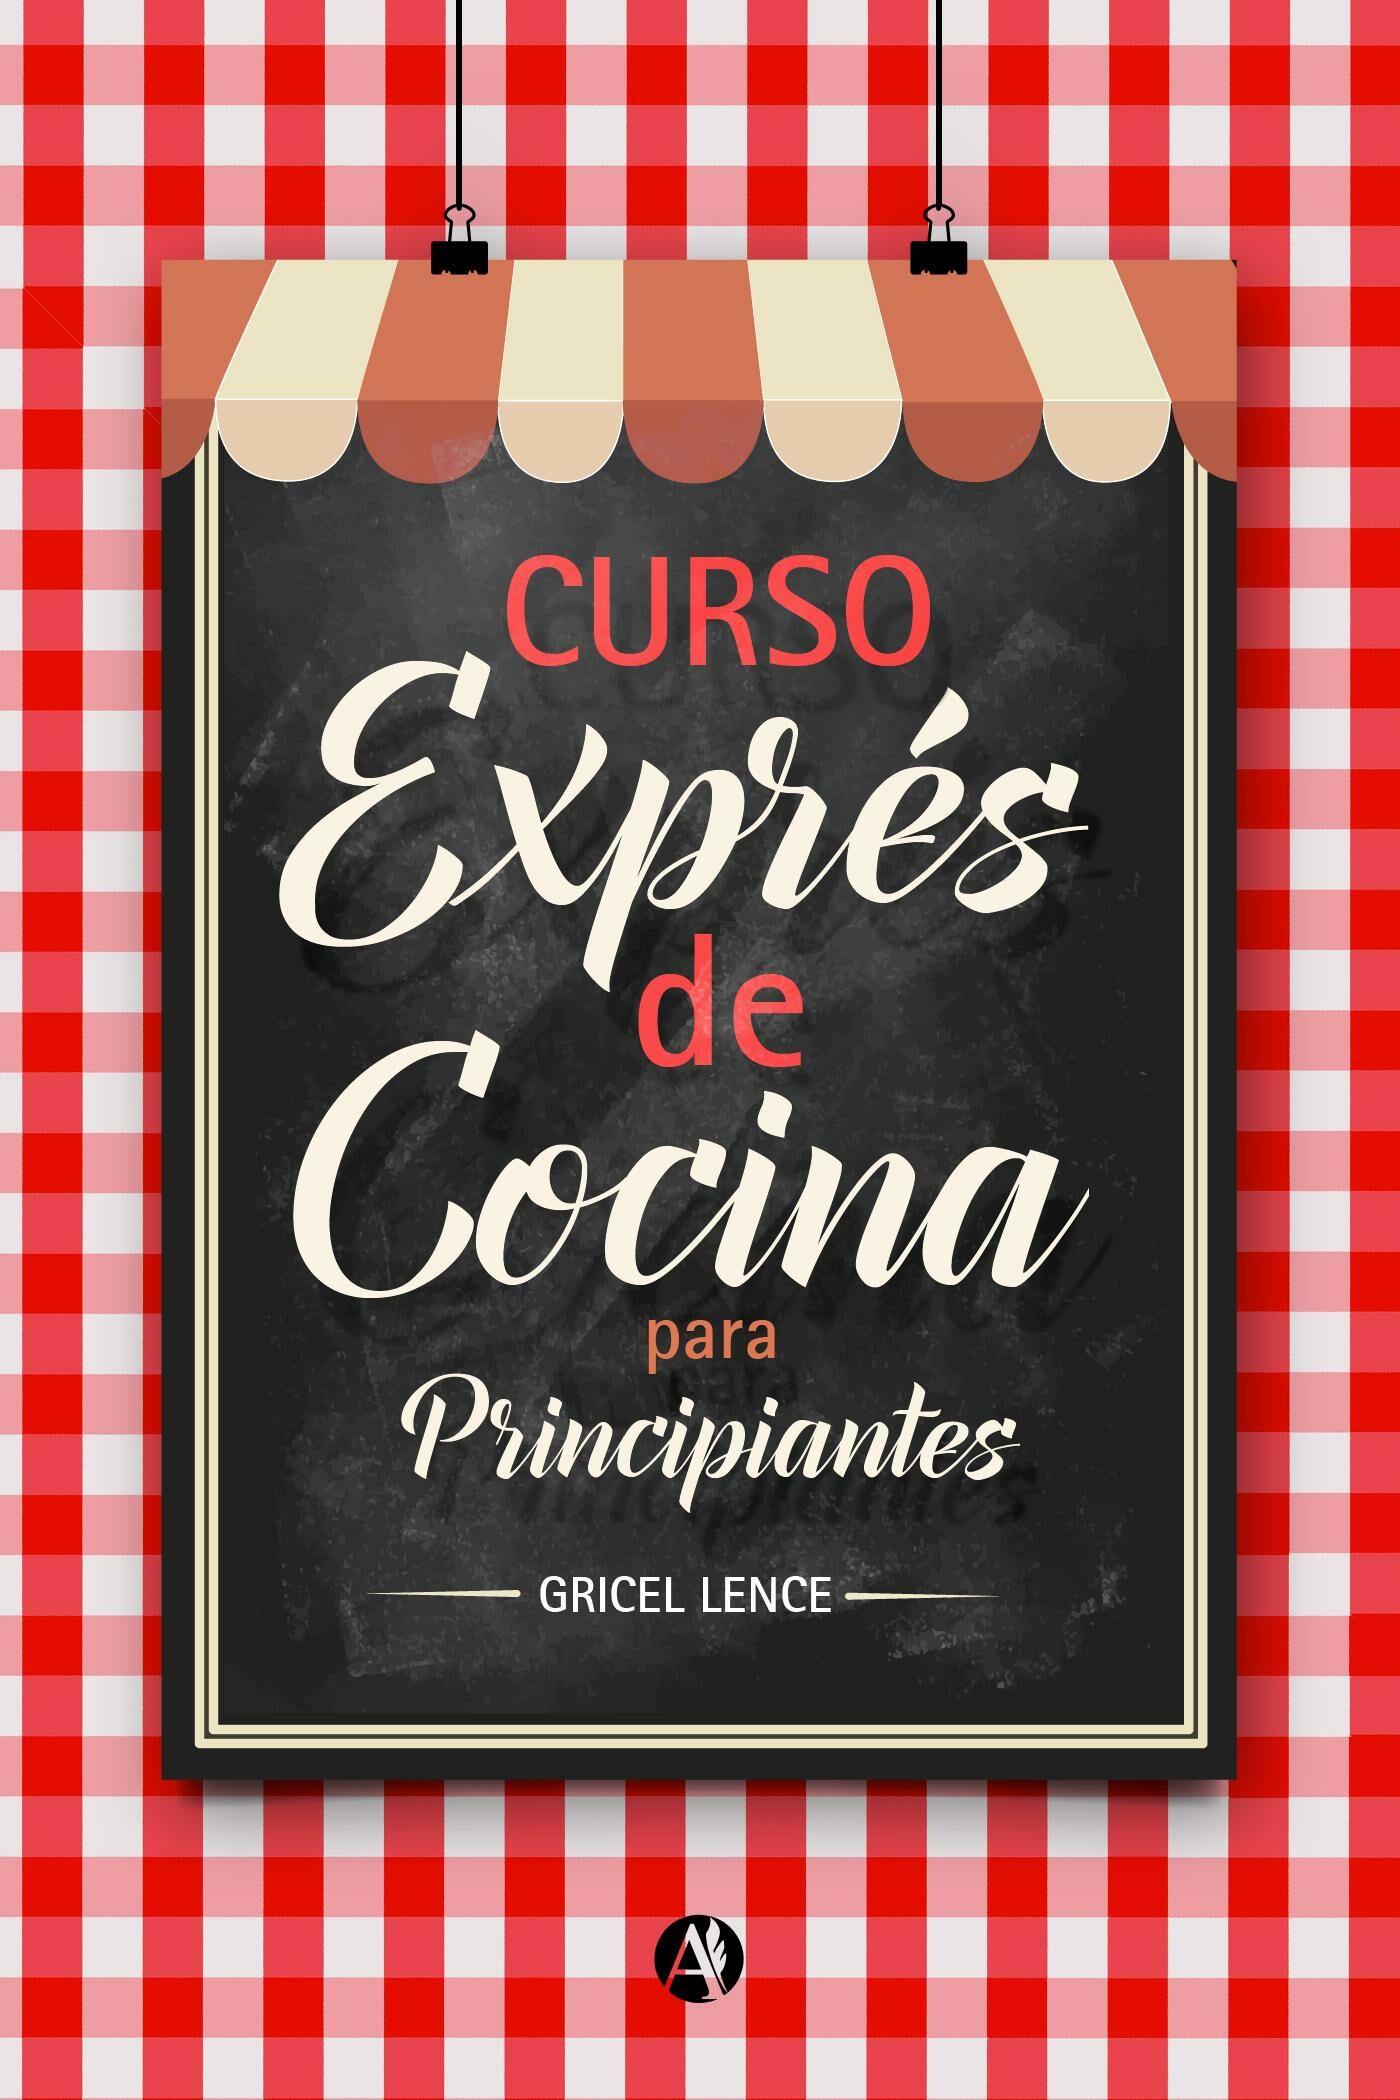 Genial curso cocina pdf fotos gastronomia venezolana pdf for Curso de cocina pdf